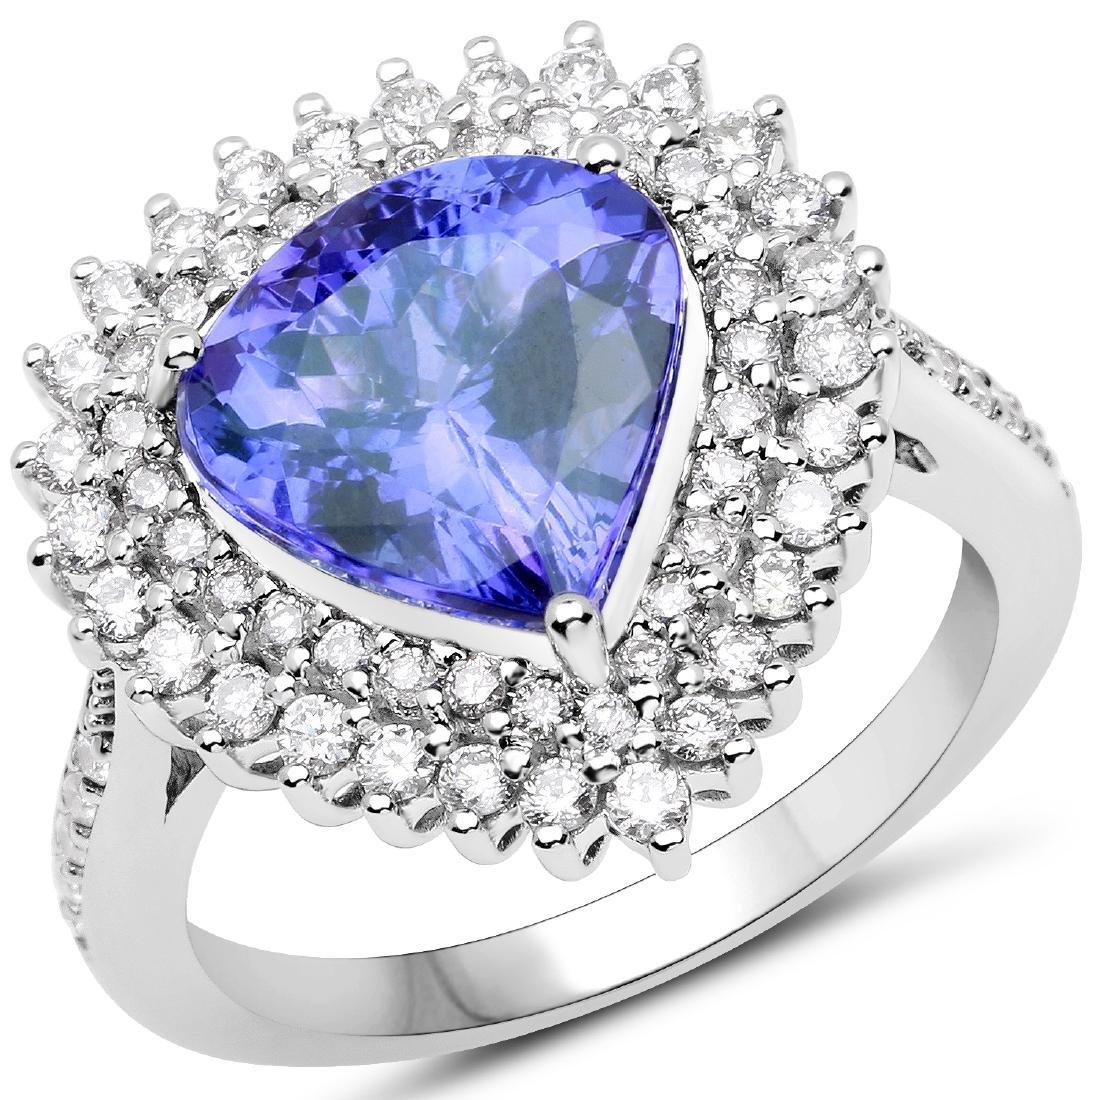 3.86ct Tanzanite 14K White Gold Ring